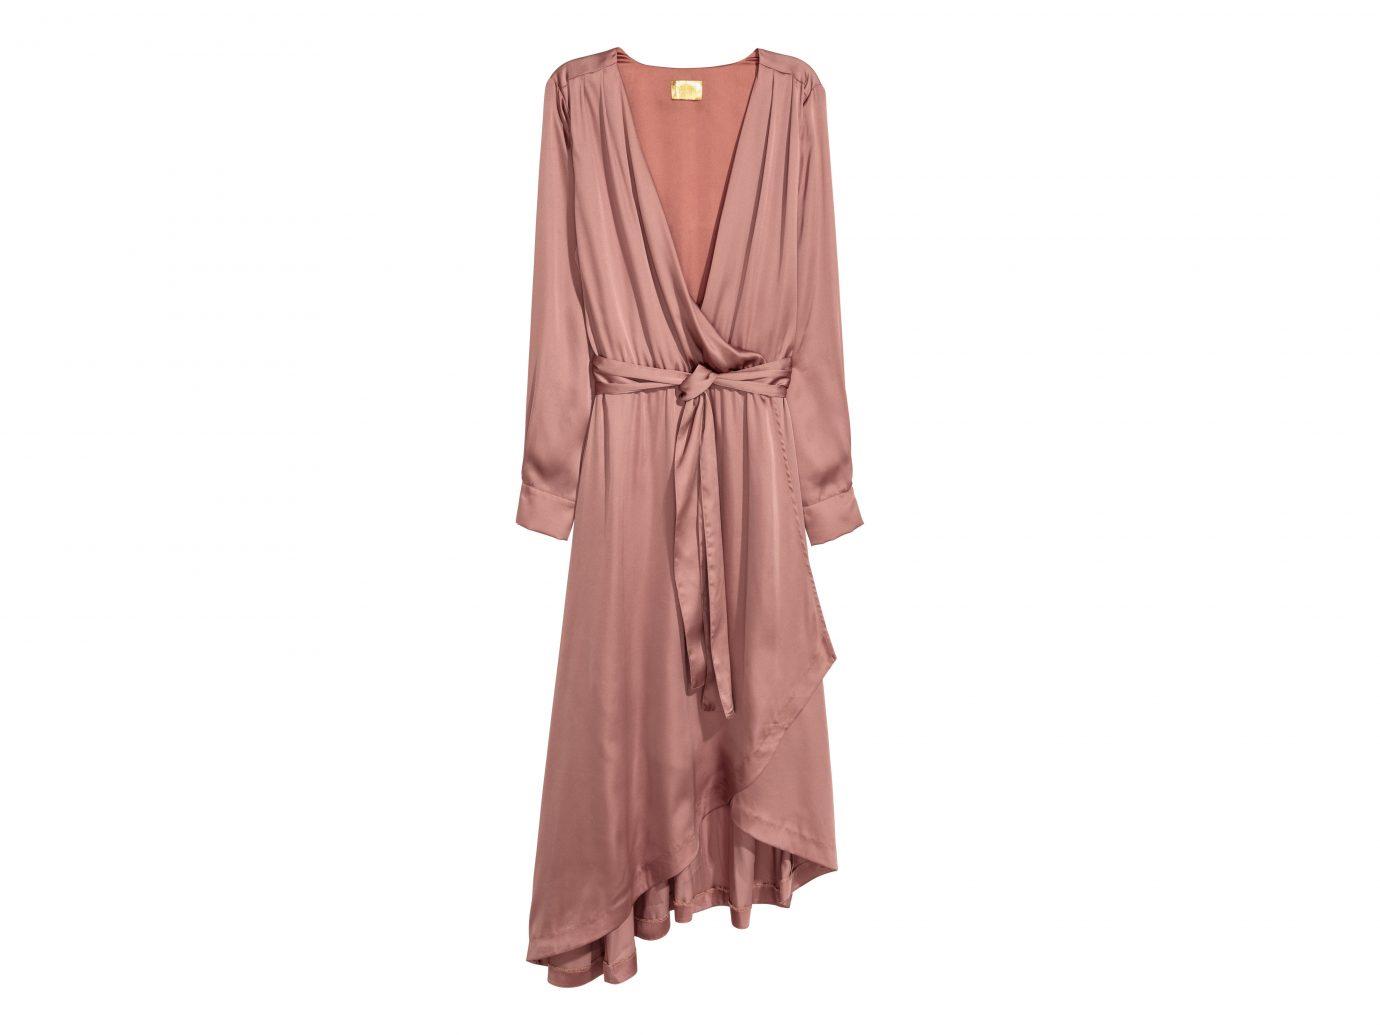 H&M Satin Wrap Dress